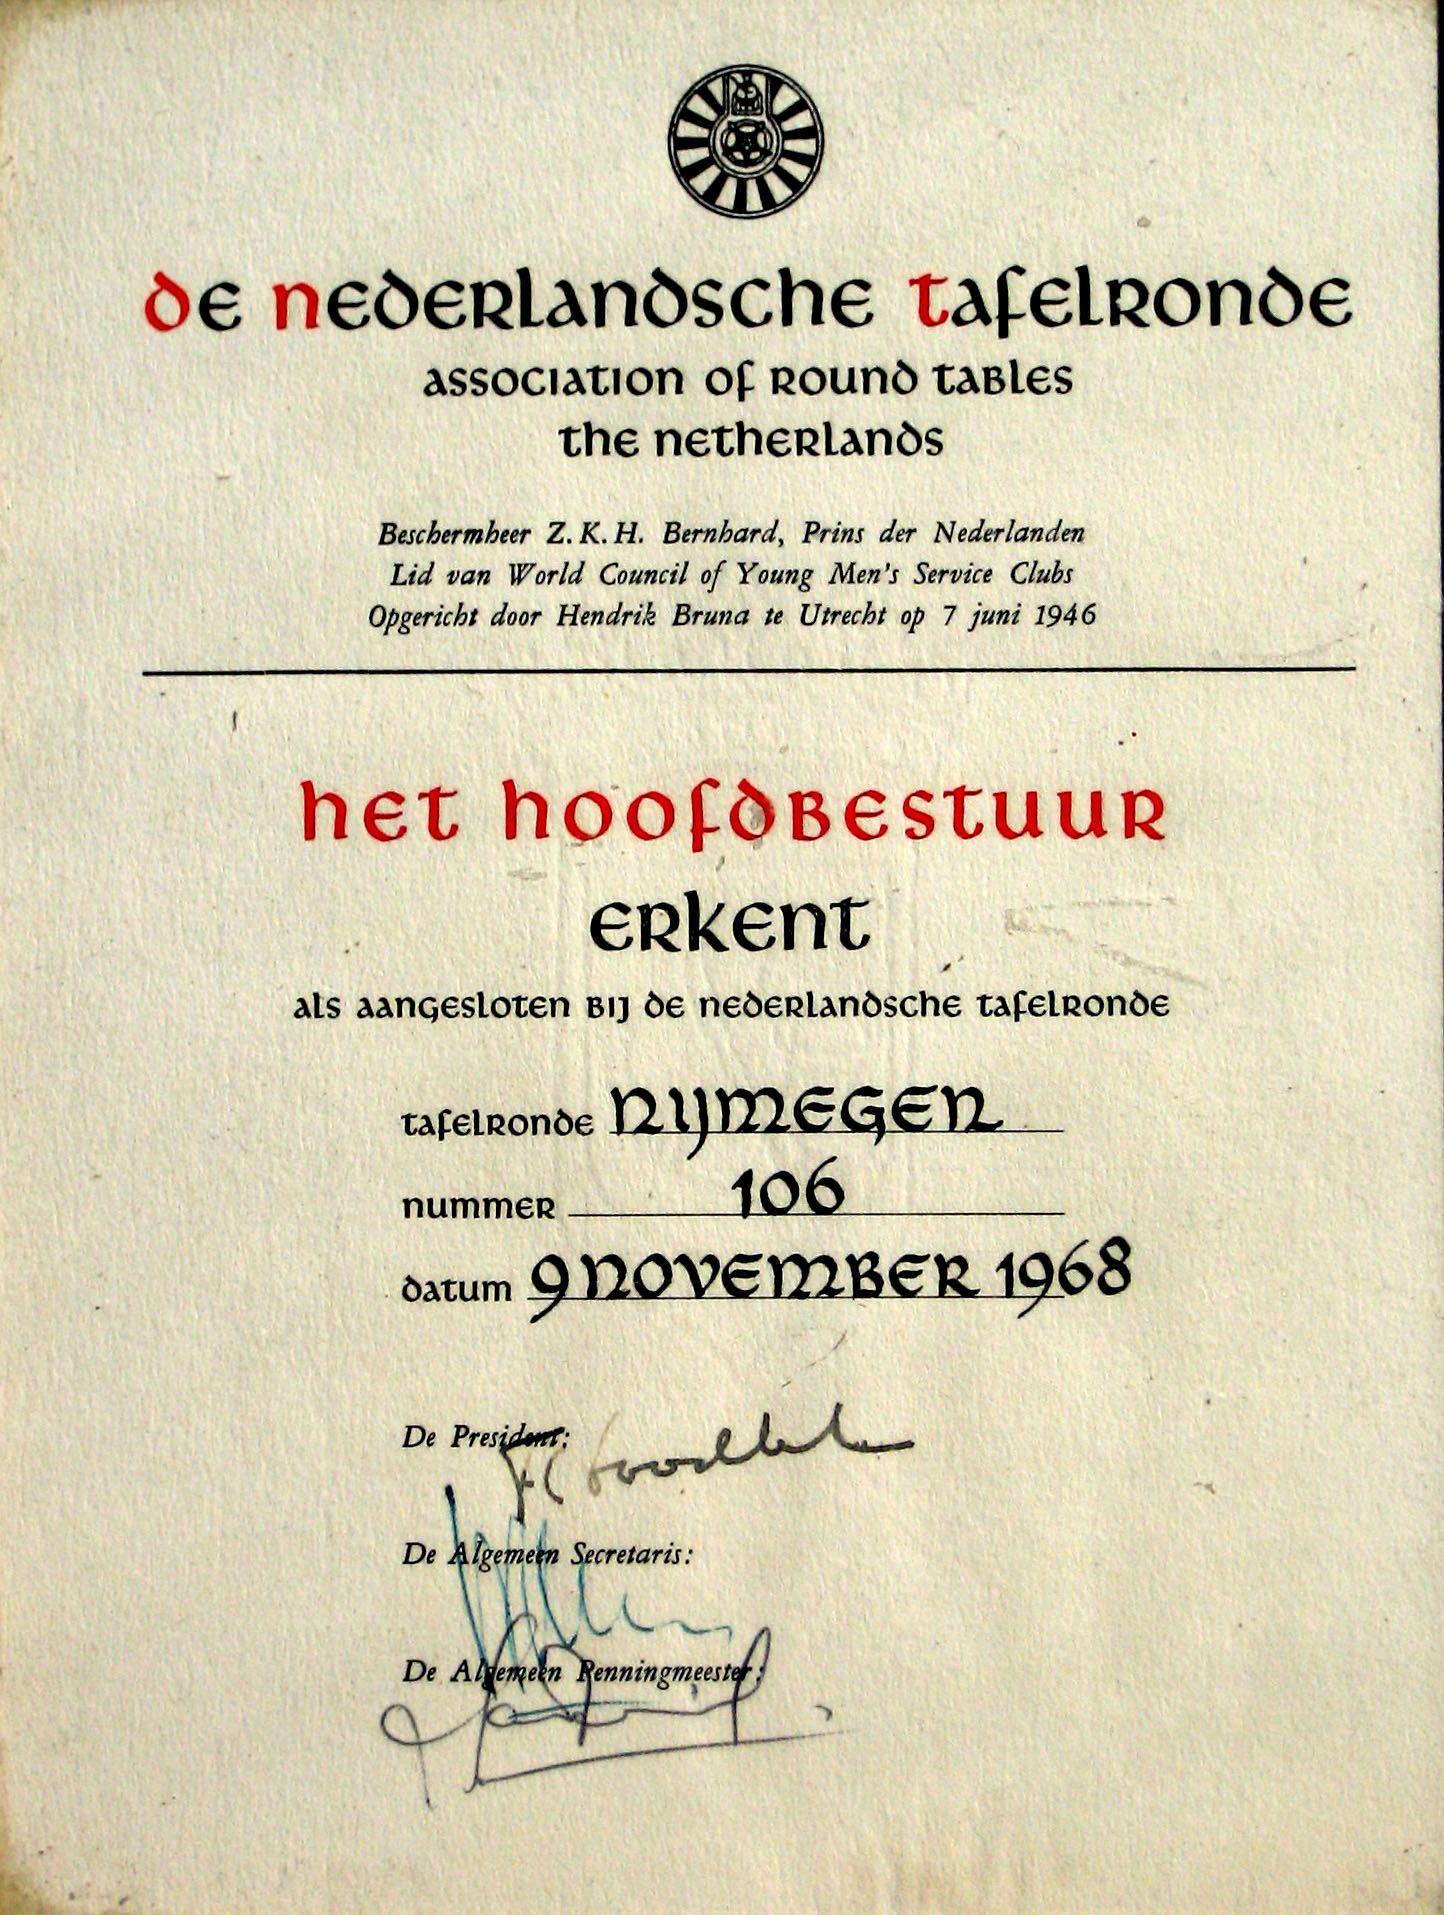 Ronde Tafel Nijmegen.Ronde Tafel 106 Nijmegen Oprichtingsakte Door Beschermheer